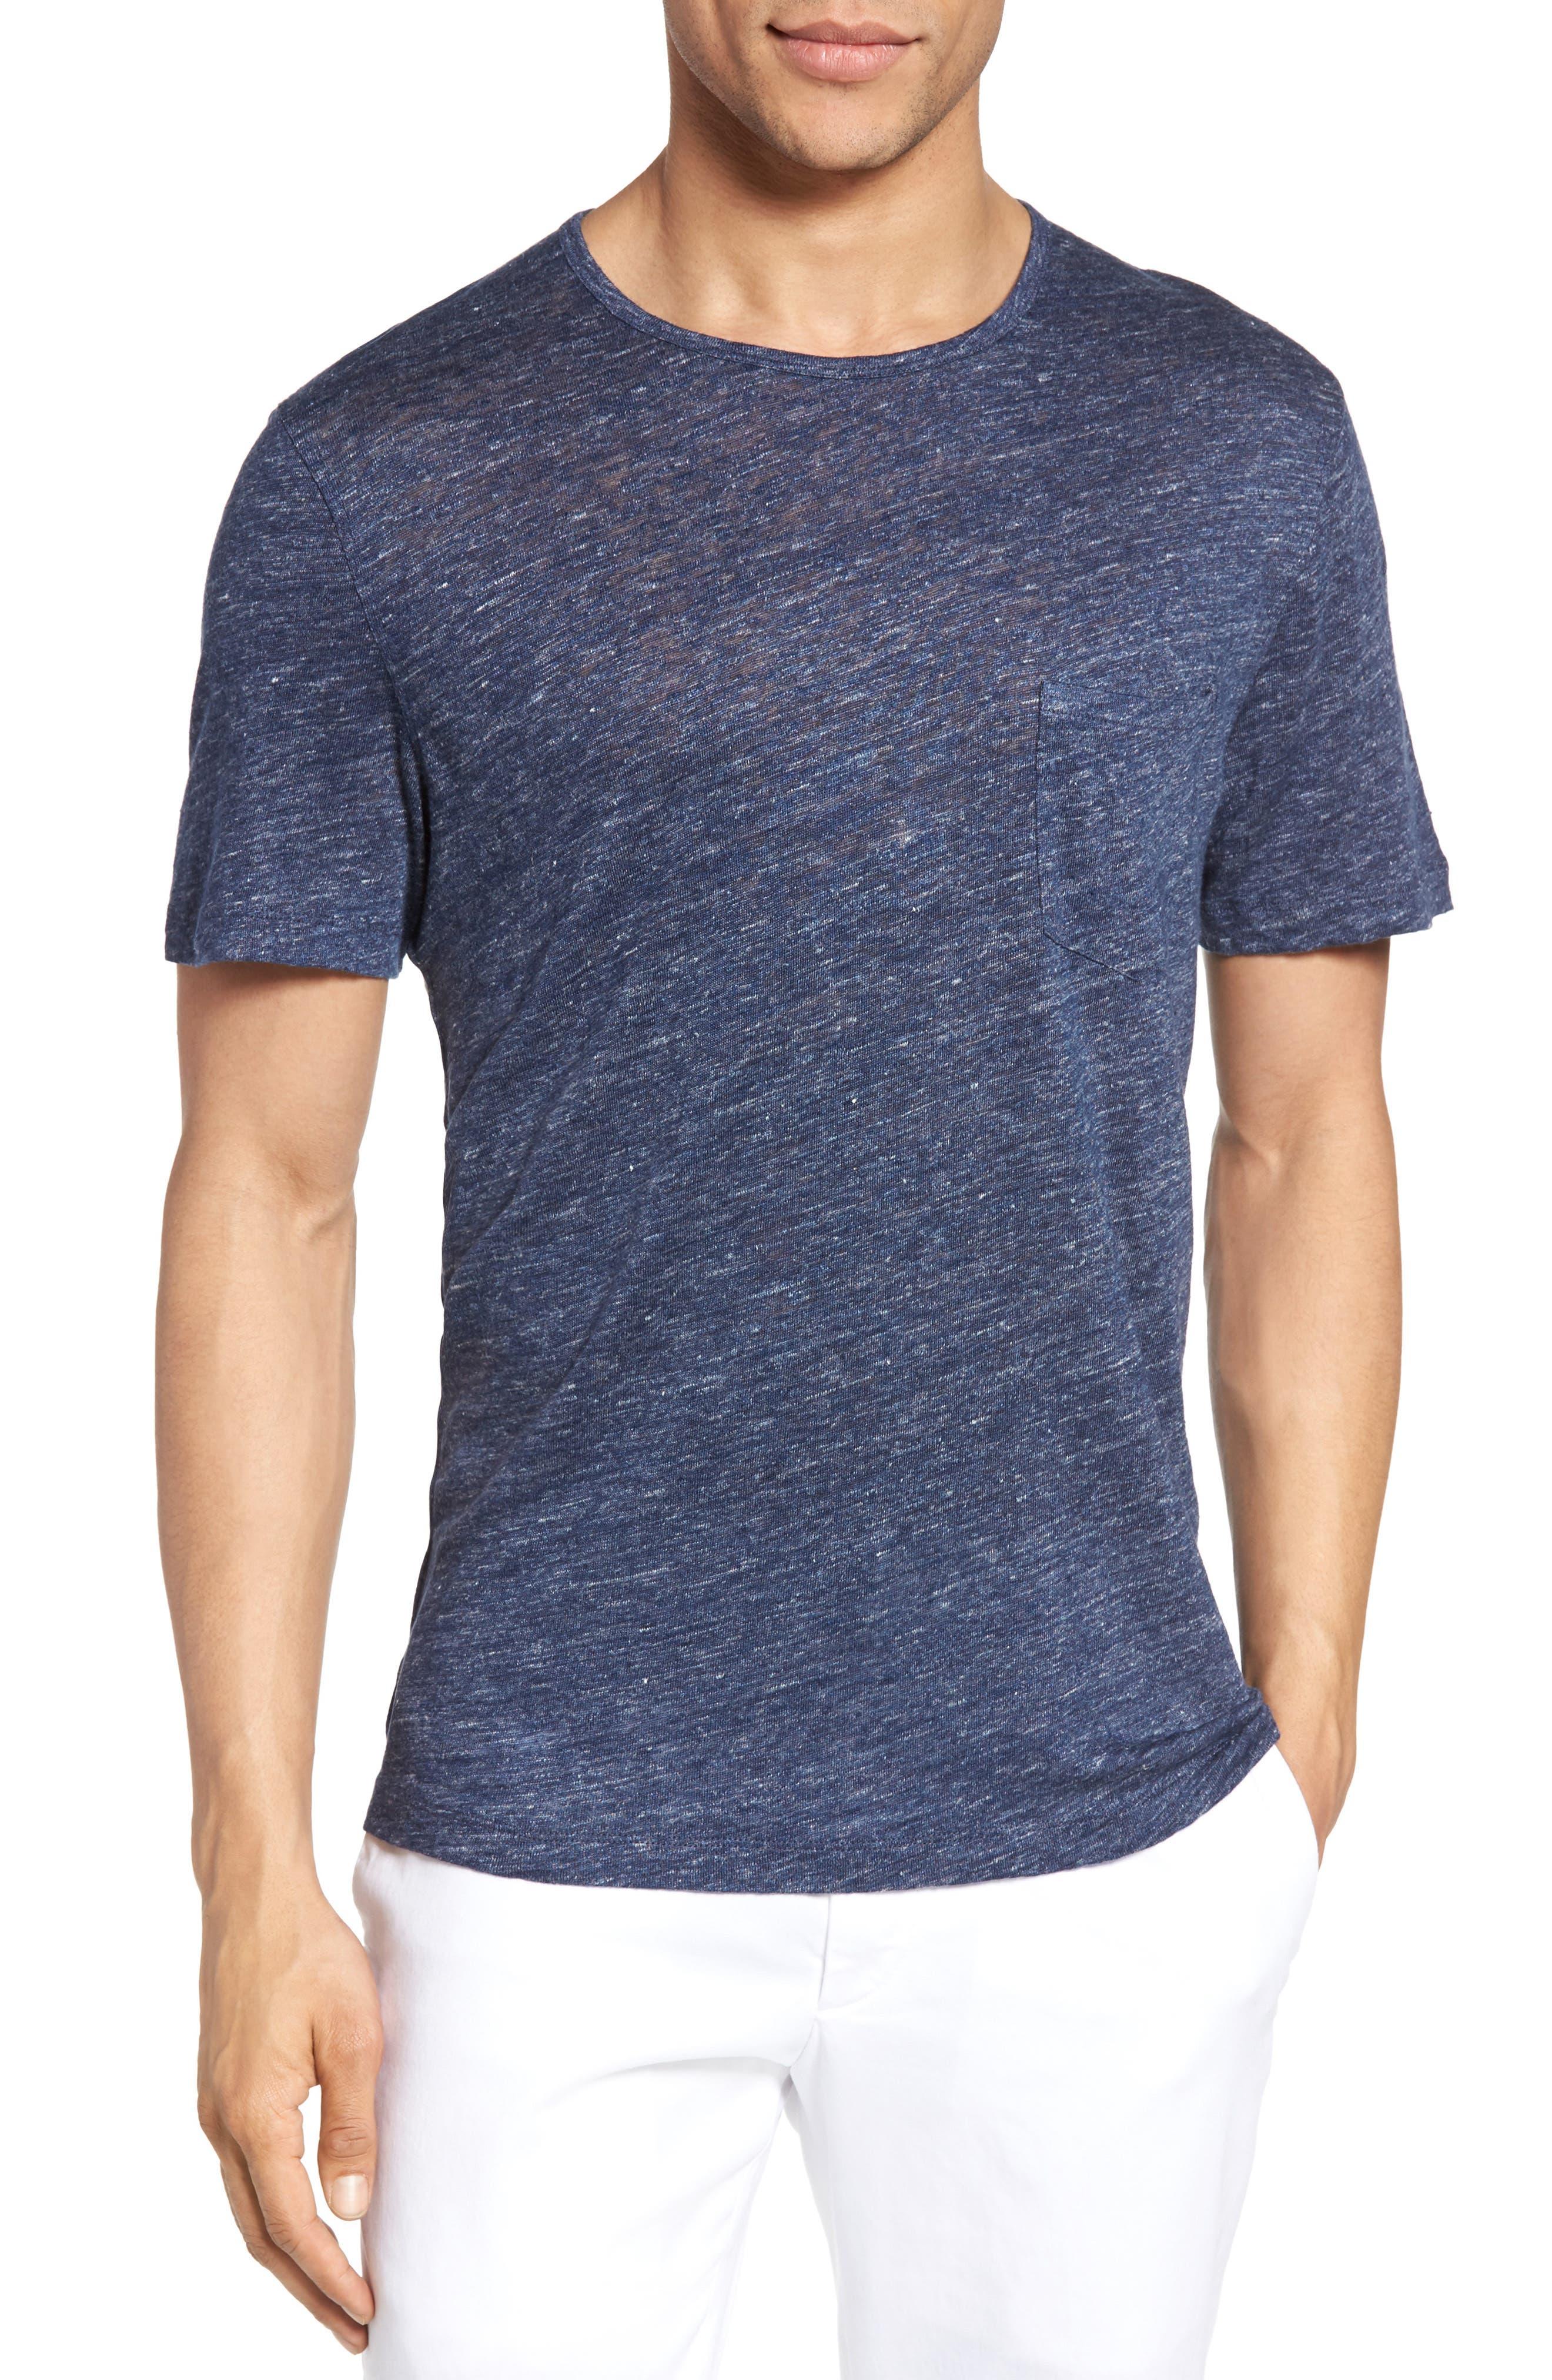 Monad Colorblock Linen T-Shirt,                             Main thumbnail 1, color,                             Blue Mountain